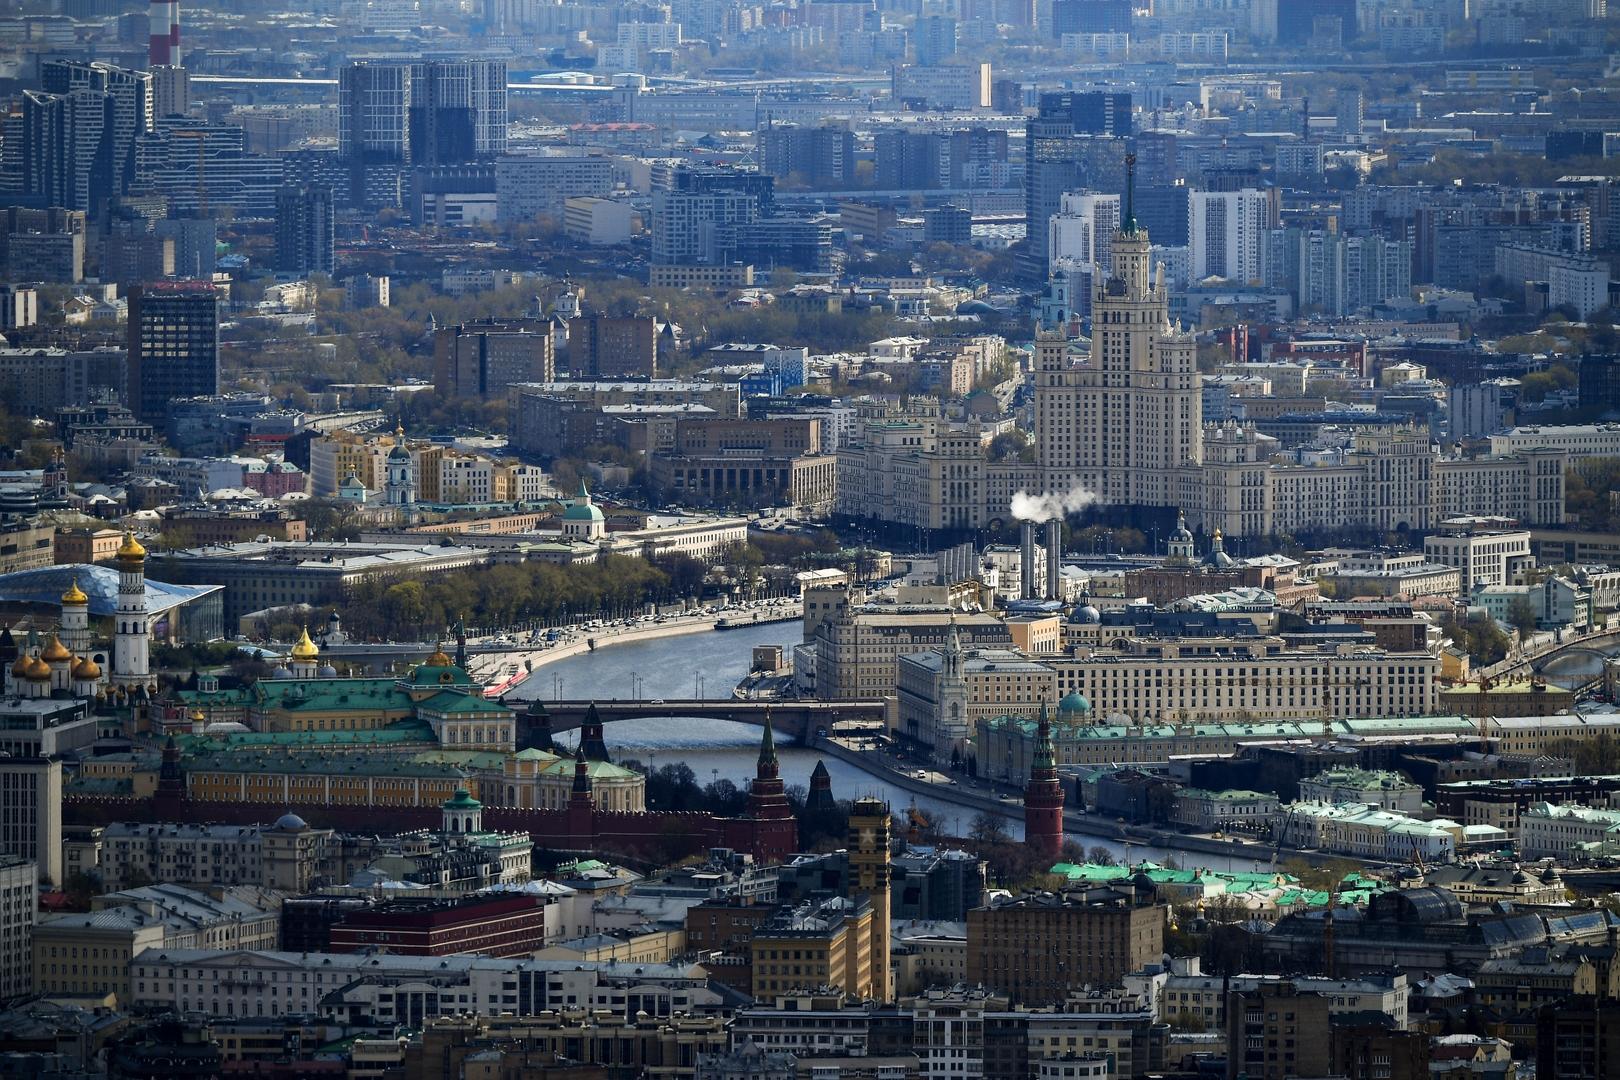 الحكومة الروسية: انخفاض مستوى الوفيات في البلاد خلال أبريل مقارنة مع مارس